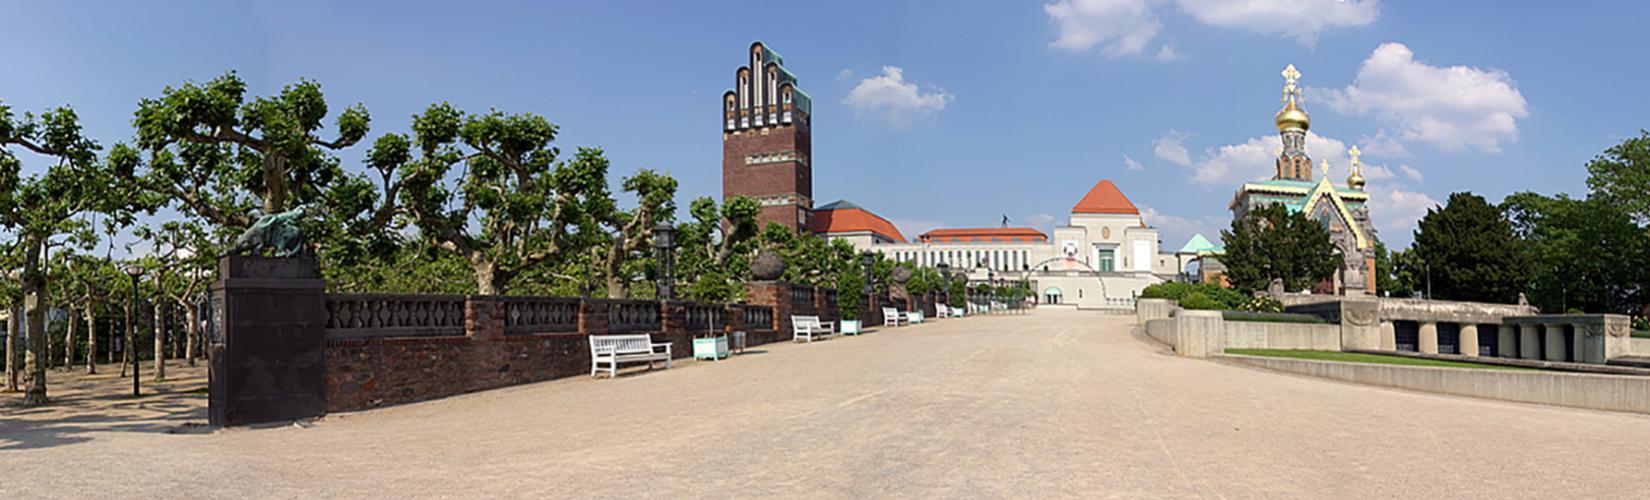 Mathildenhöhe Darmstadt